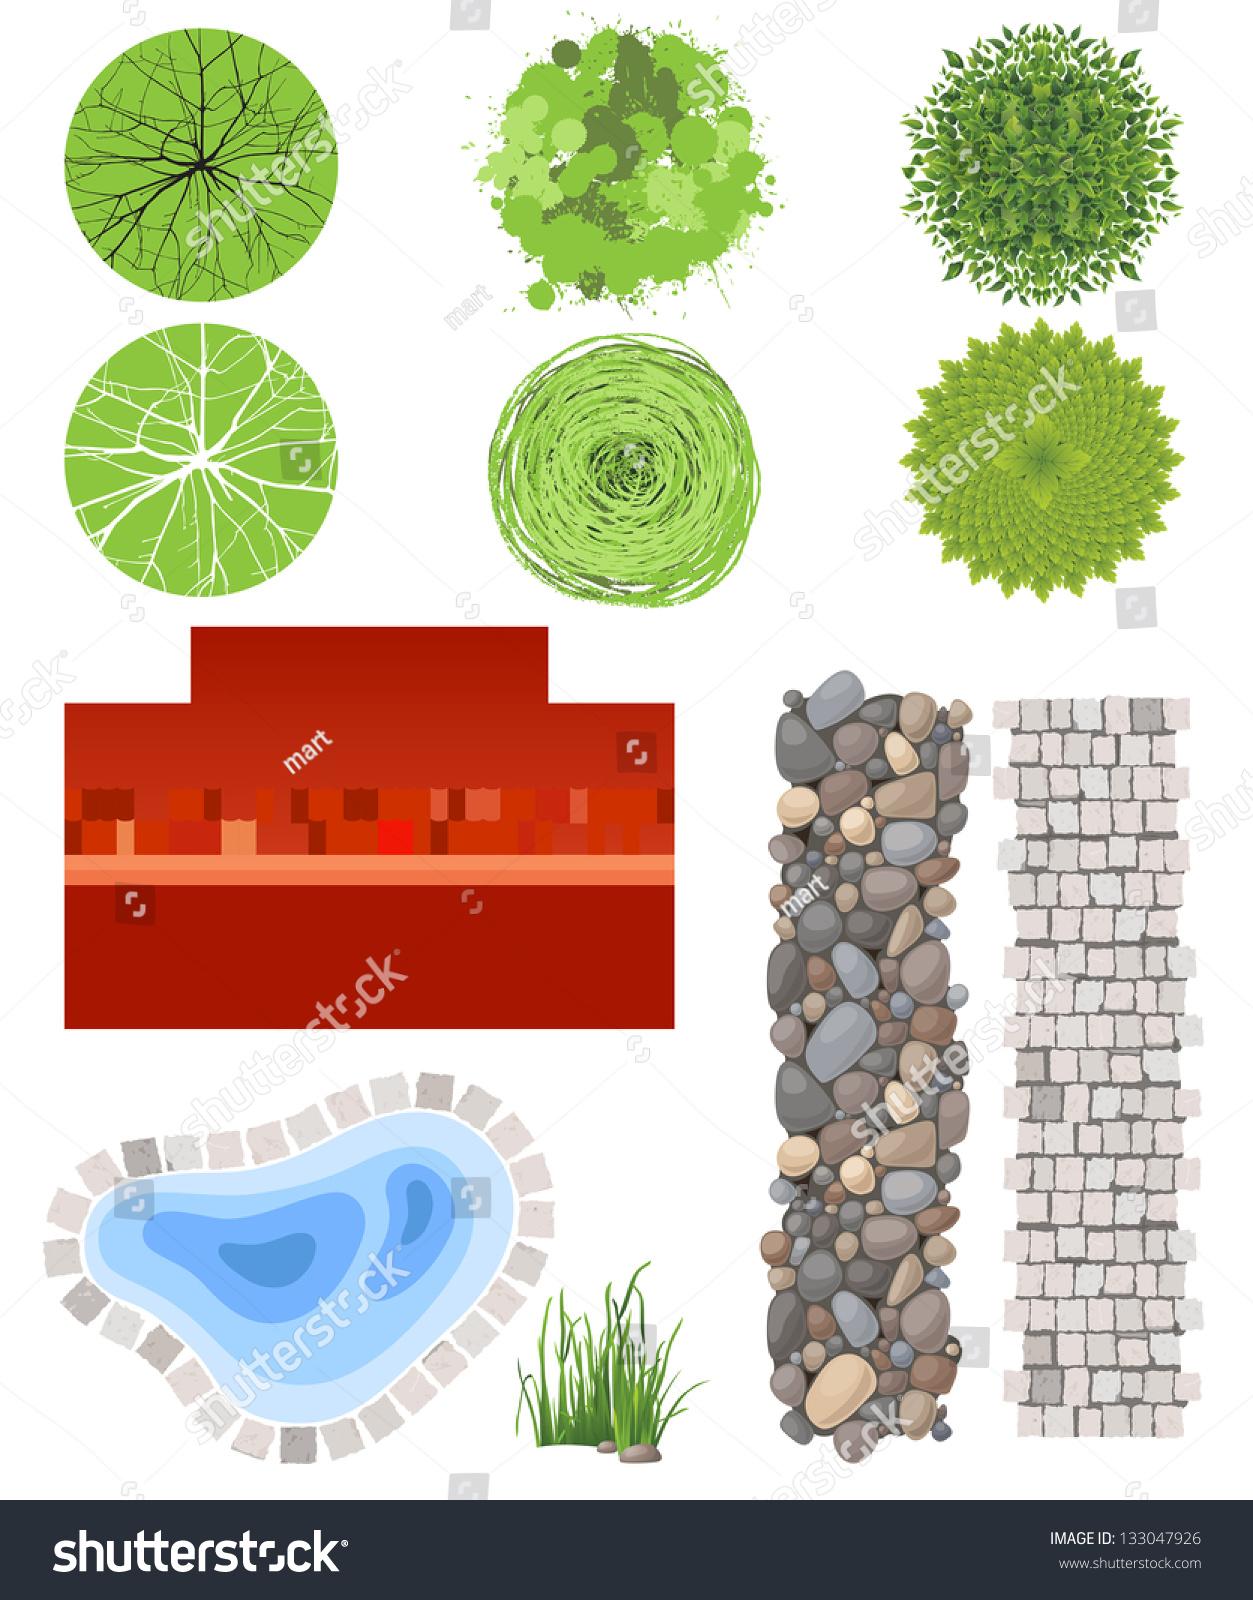 superior Elements of Landscape Design Part - 9: superior Elements of Landscape Design design